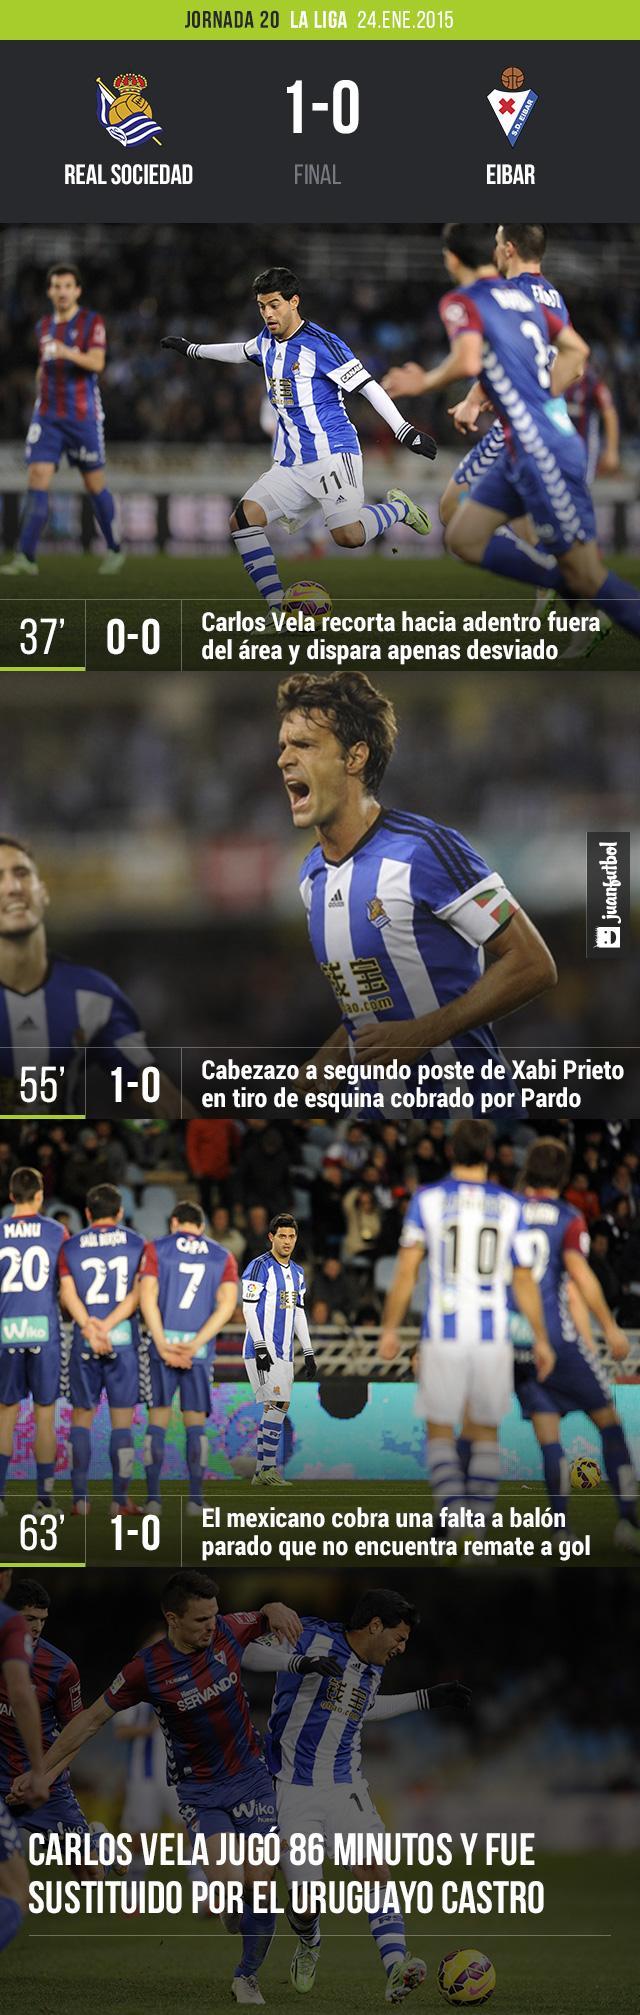 La Real Sociedad venció al Eibar 1-0 con gol de Xabi Prieto